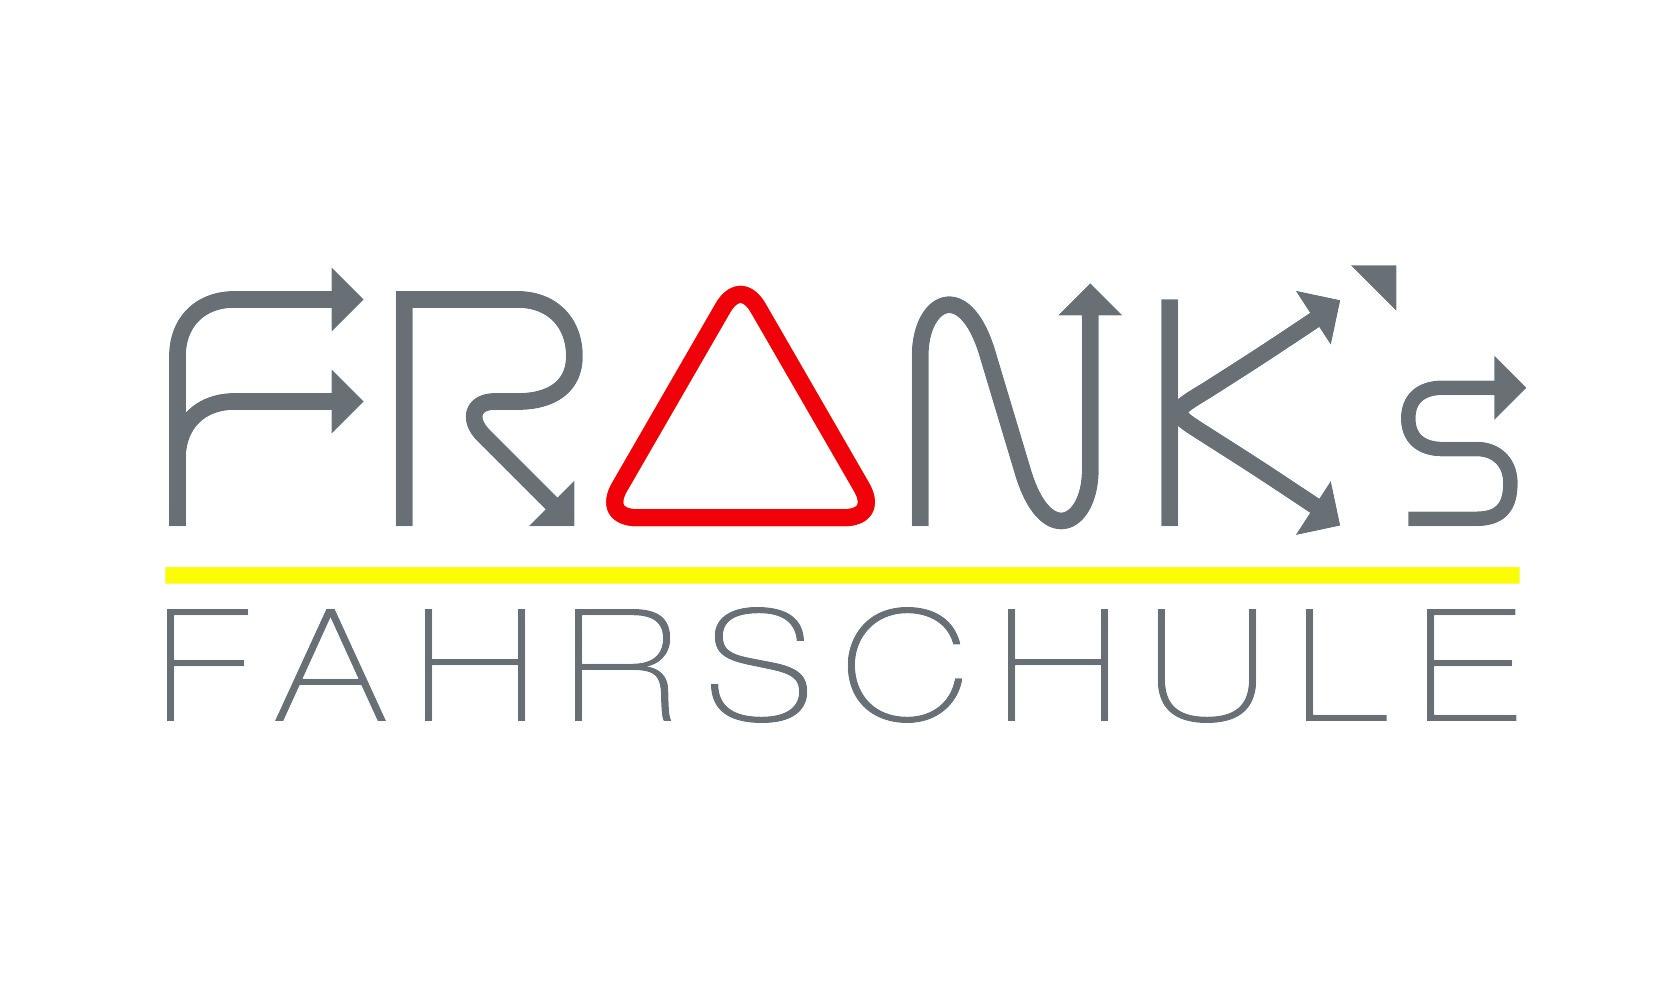 Frank's Fahrschule